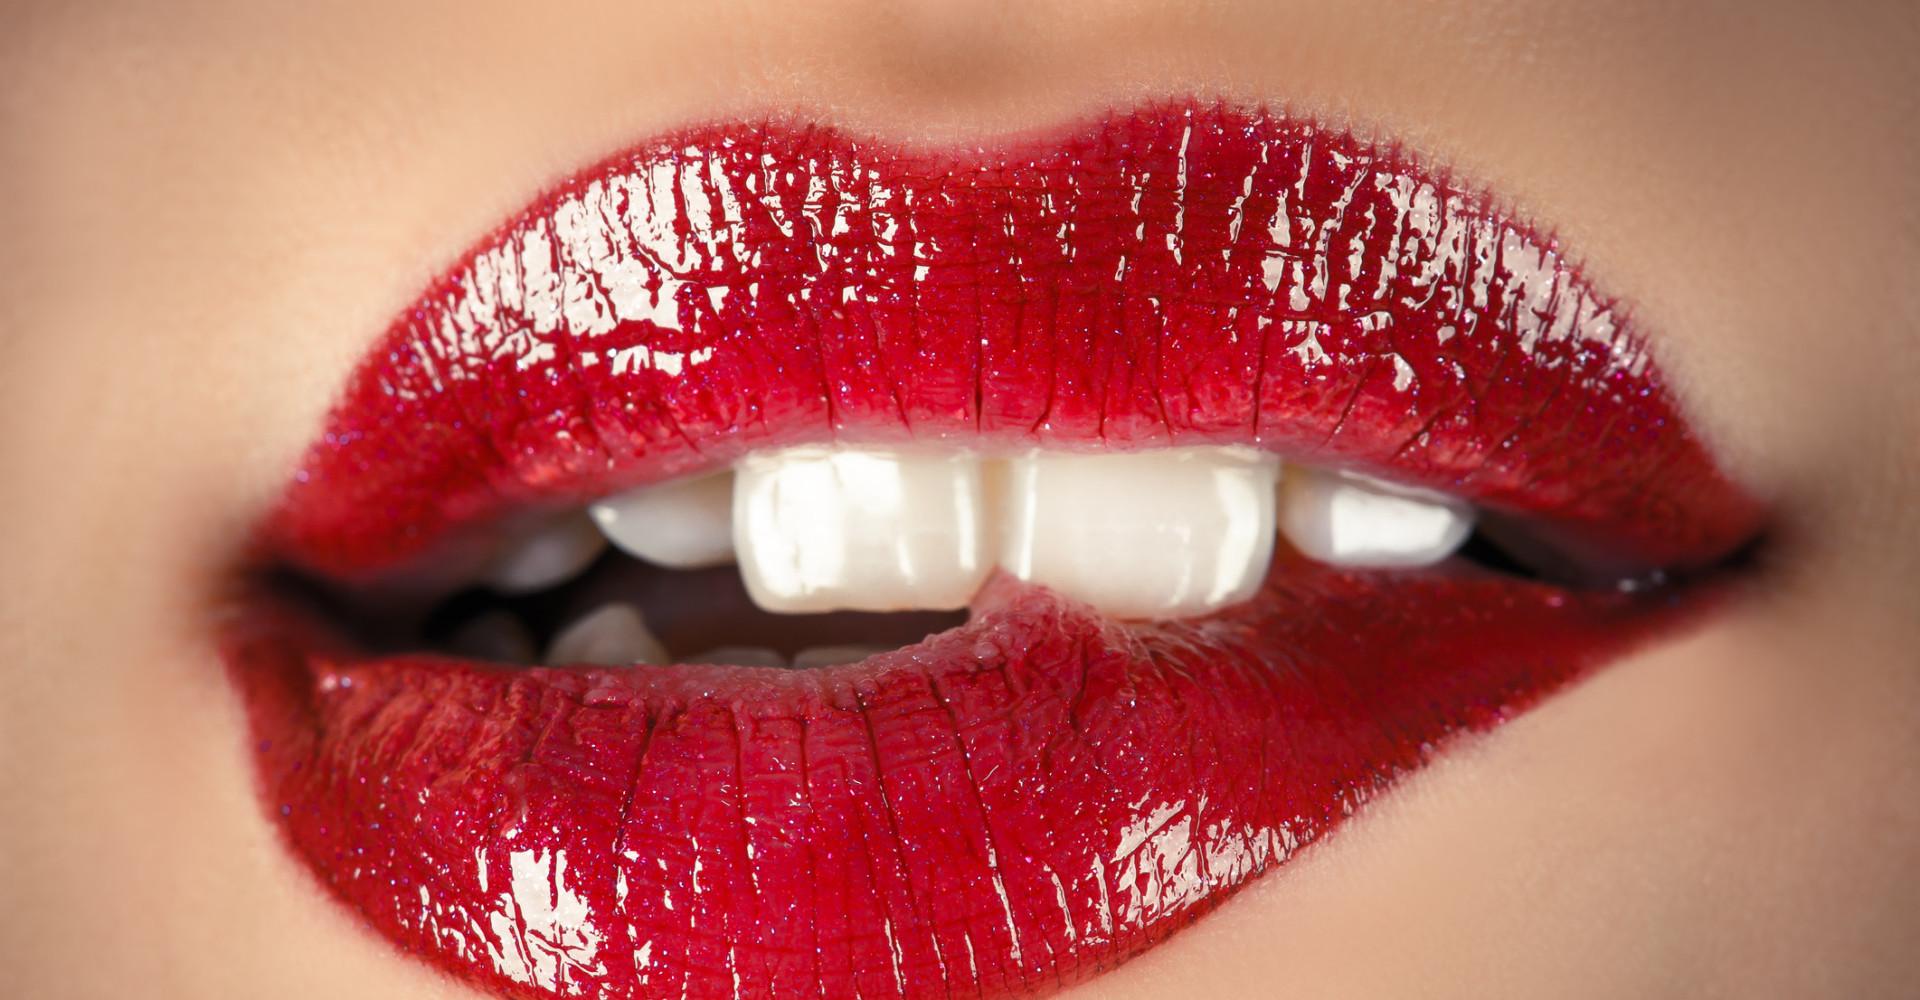 Oroscopo erotico: sarà una settimana memorabile?